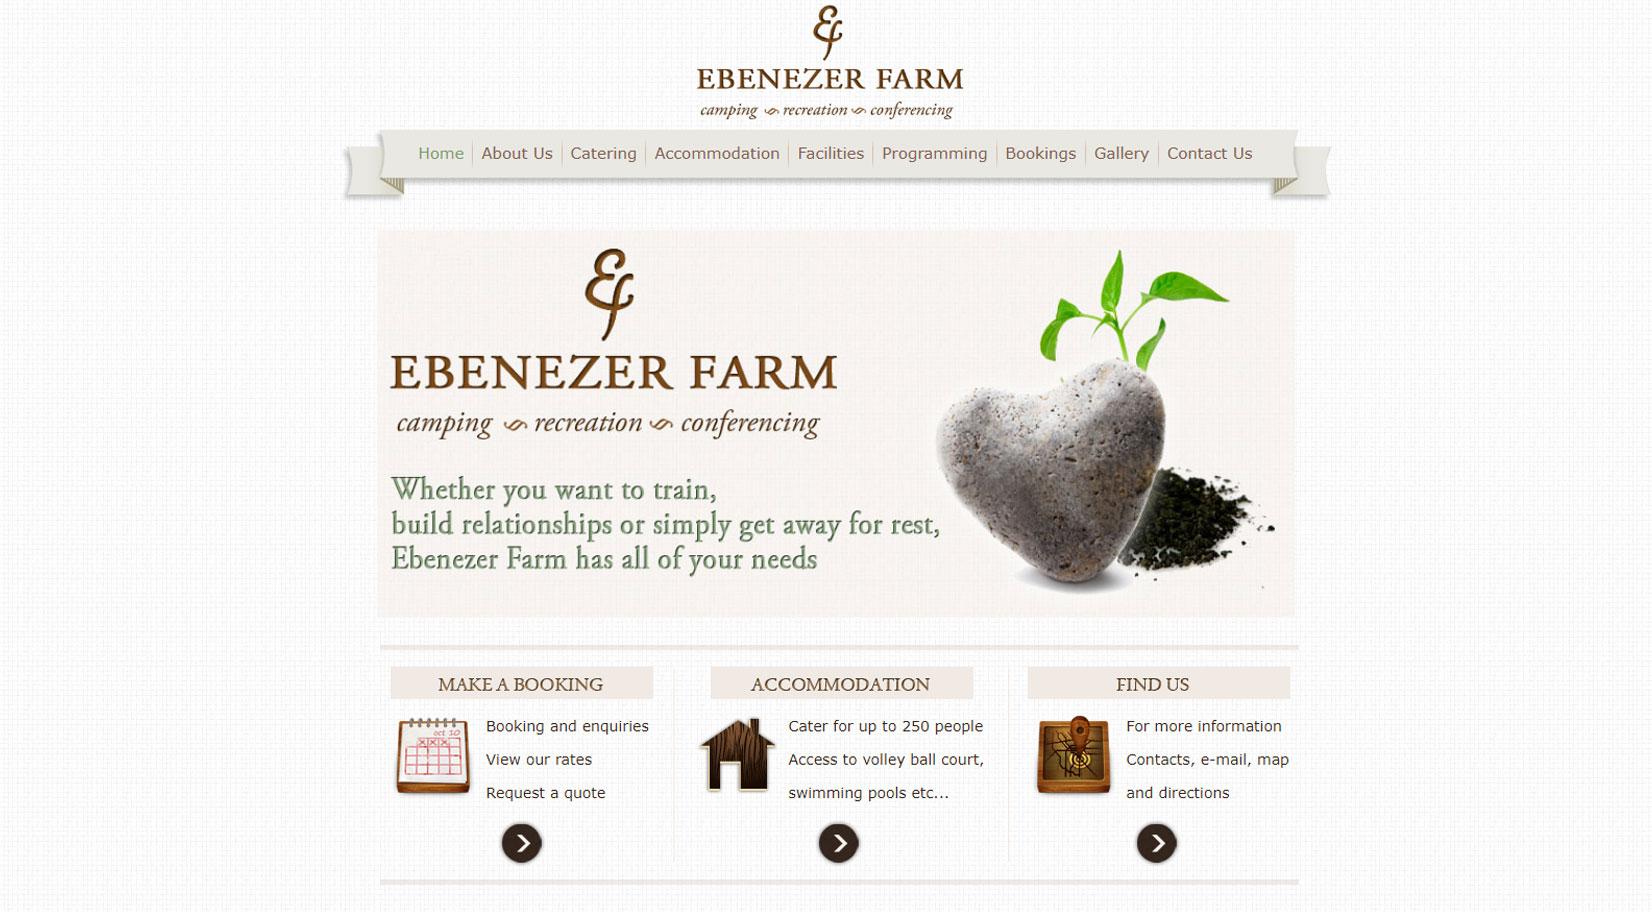 Ebenezer Farm